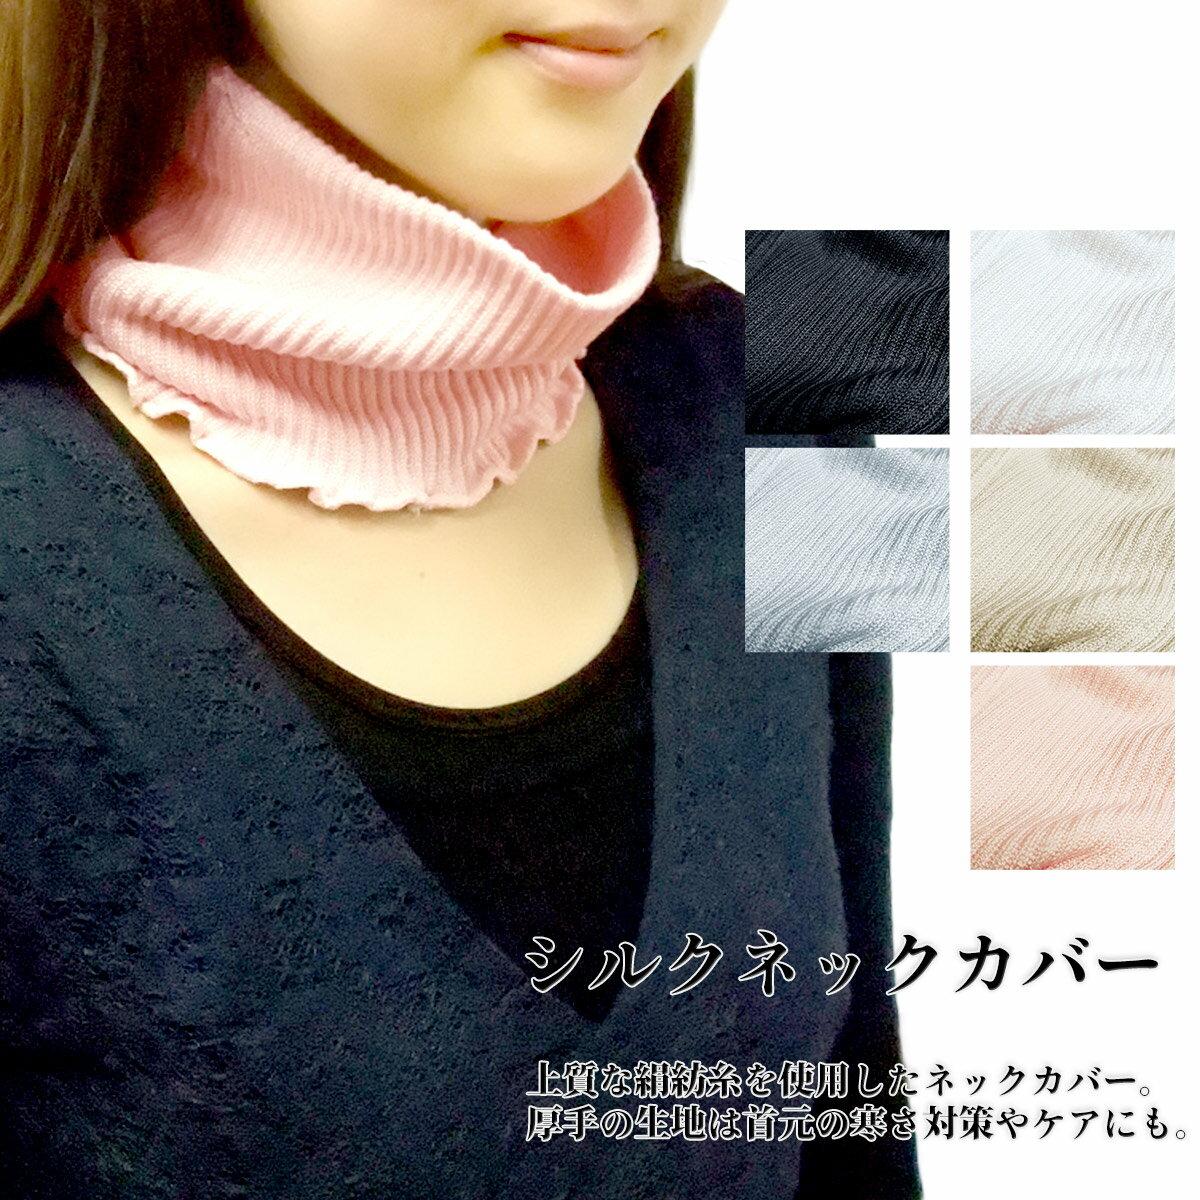 【厚手!温活にも】シルク/ネックカバー/ネックウォーマー/絹/上質な絹を使用したシルクネッ…...:knitwin:10000093